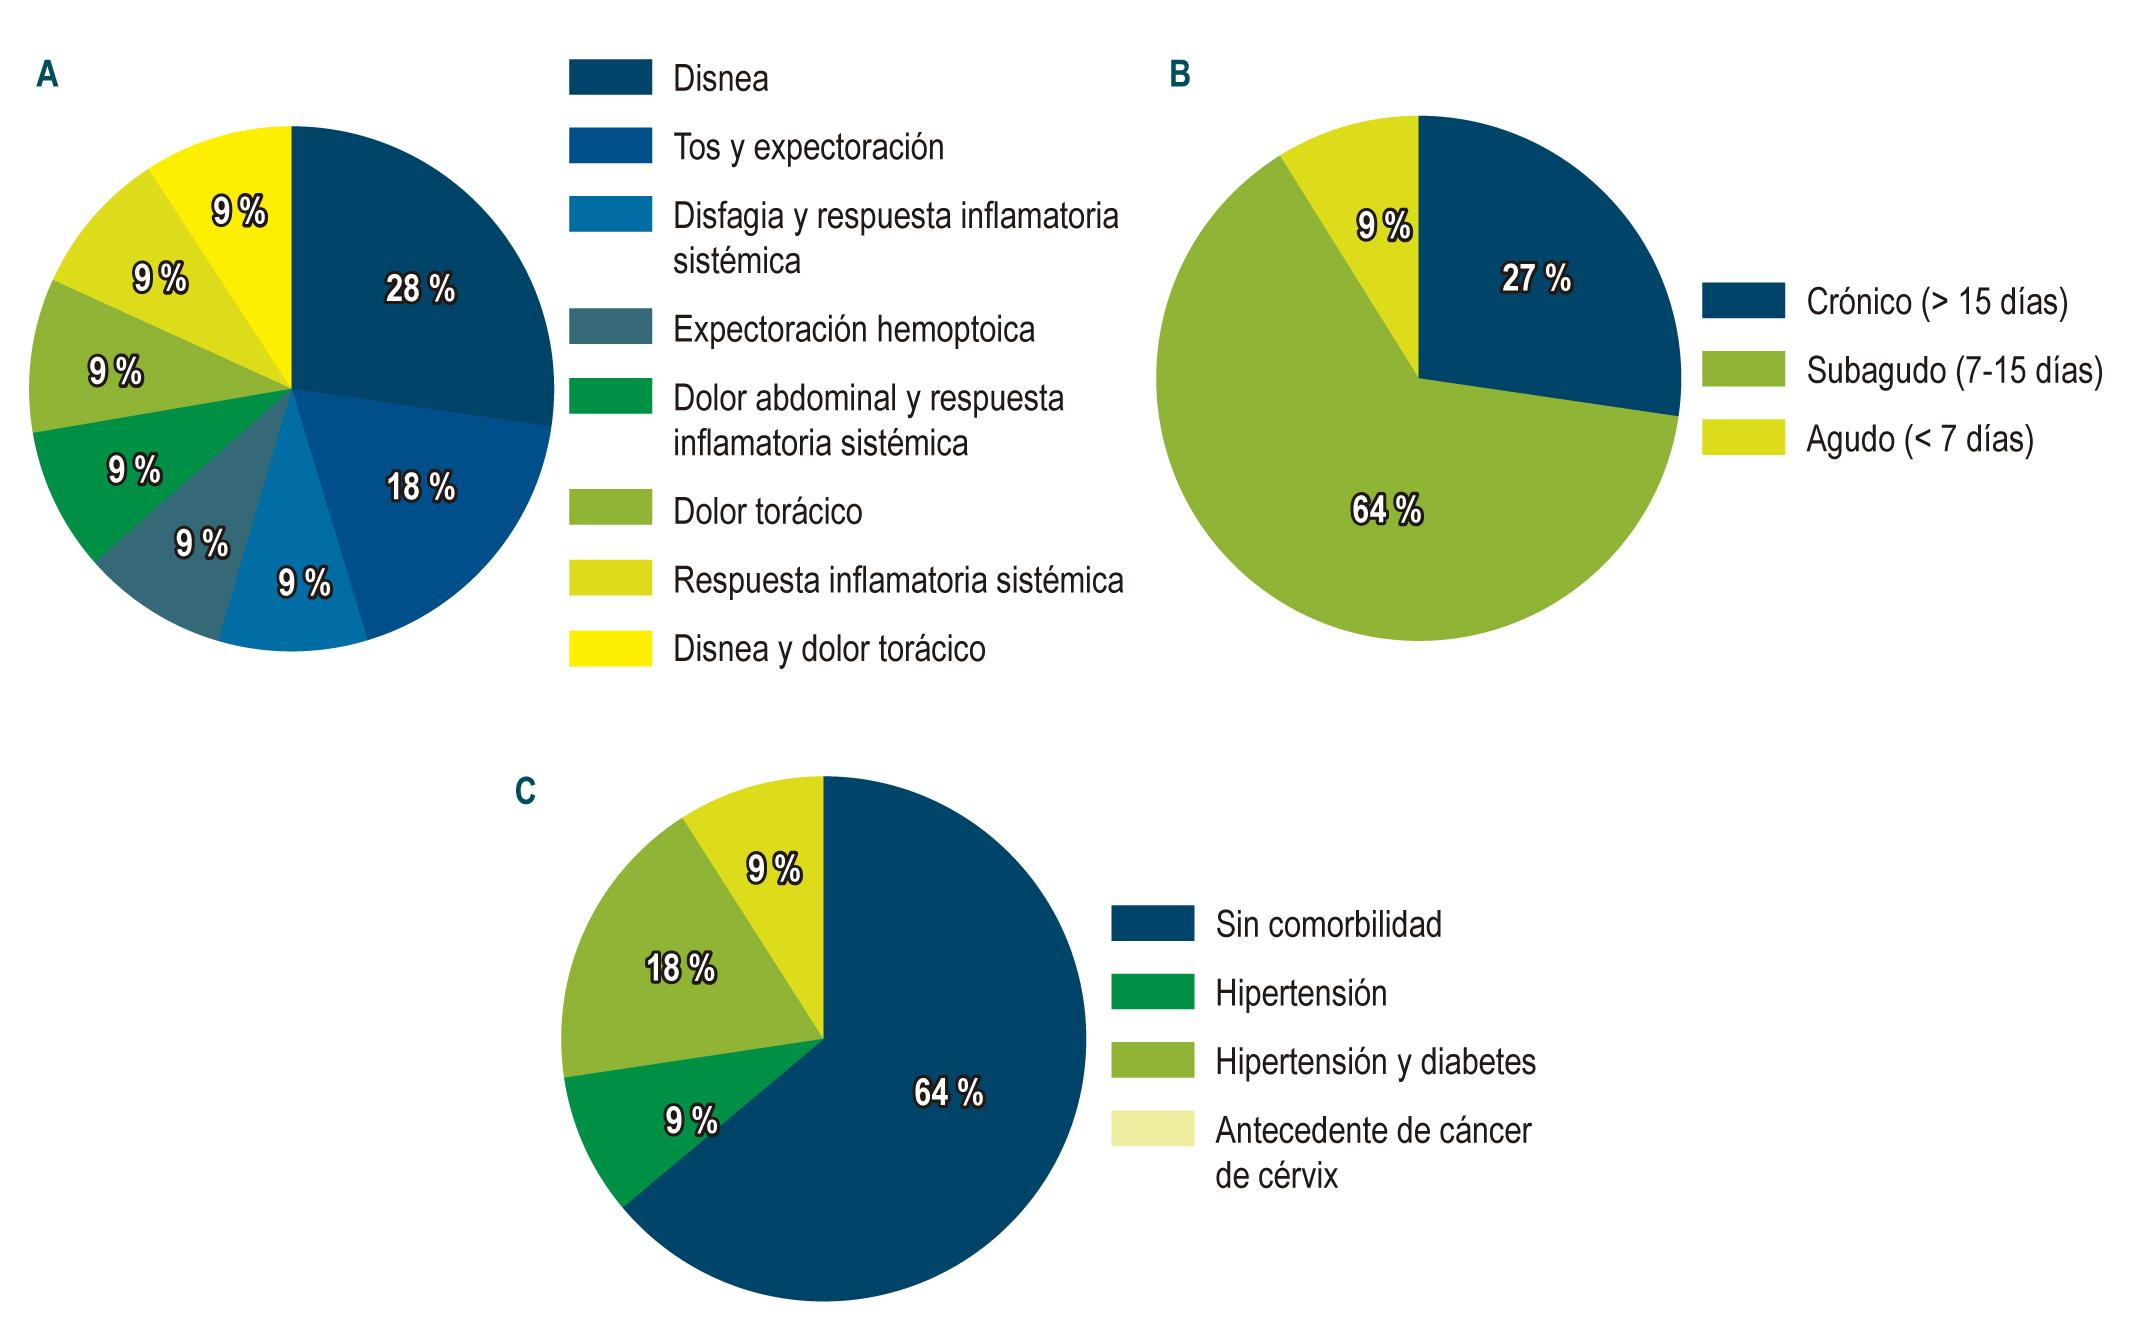 Figura 2. Características clínicas de los sujetos de estudio. A. Síntomas por los cuales consulta. B. Tiempo de evolución de los síntomas. C. Comorbilidades.